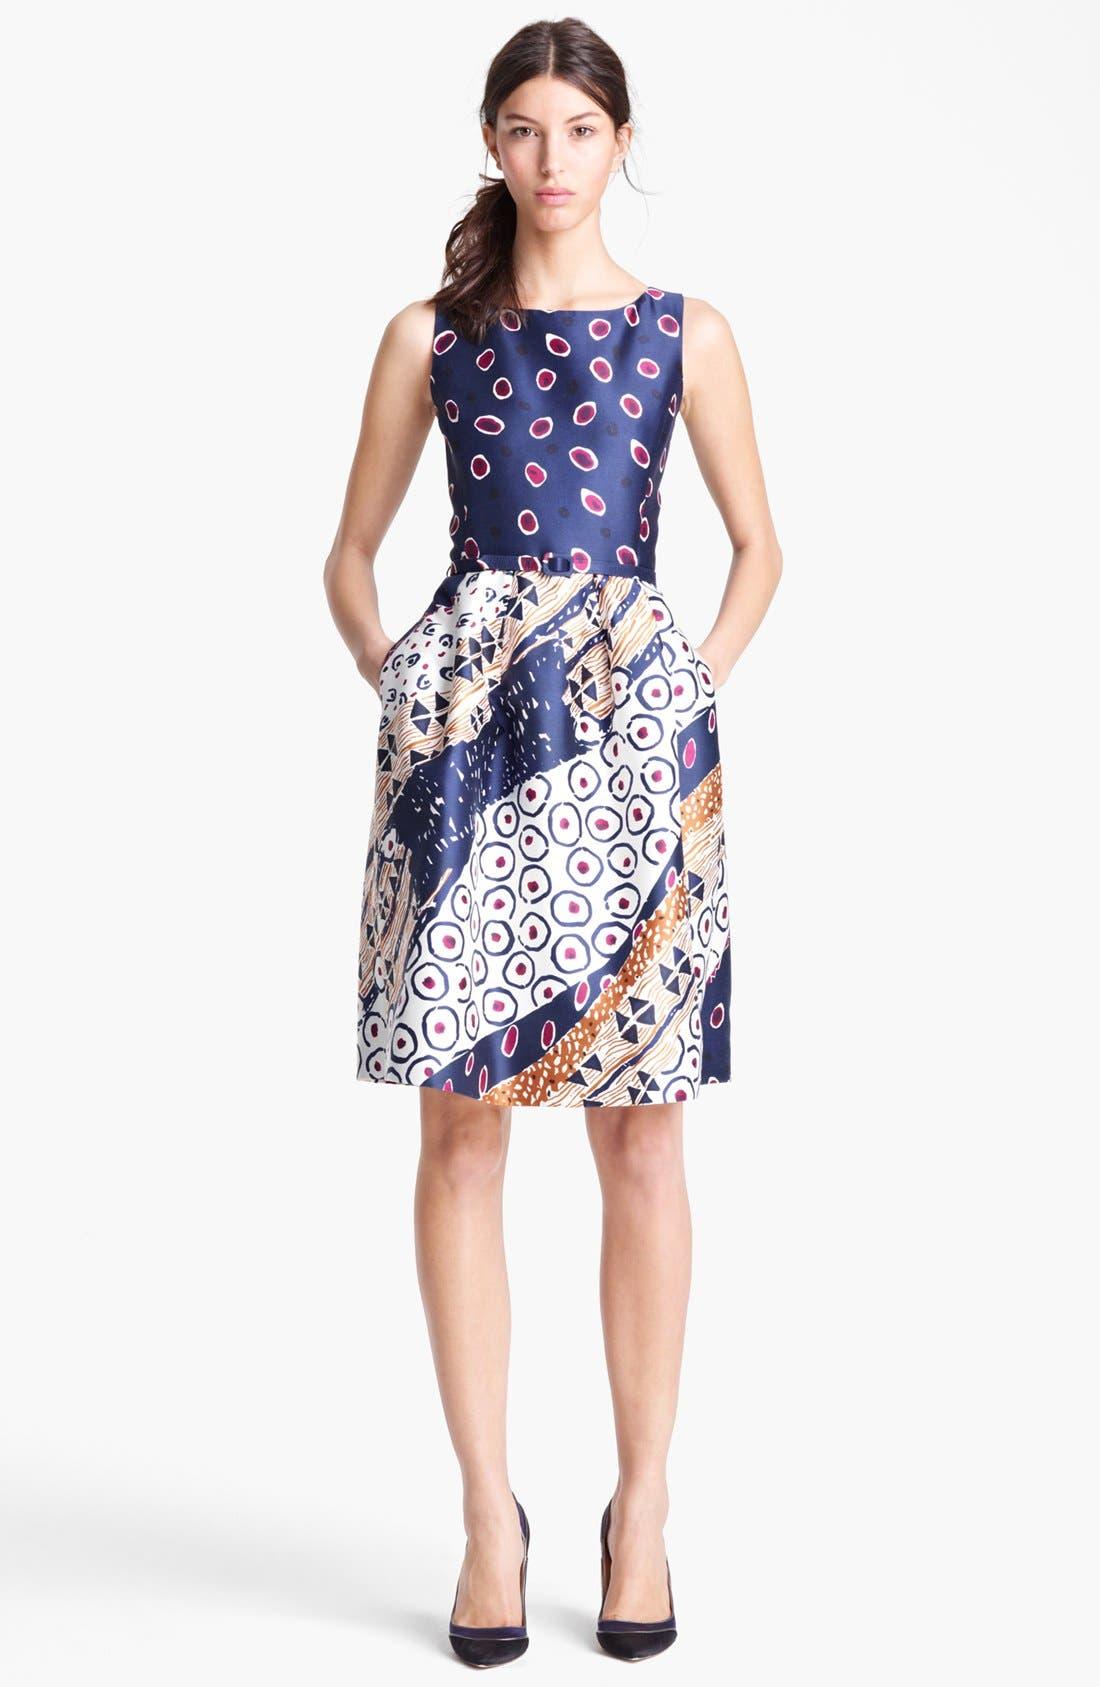 Alternate Image 1 Selected - Oscar de la Renta Belted Print Dress